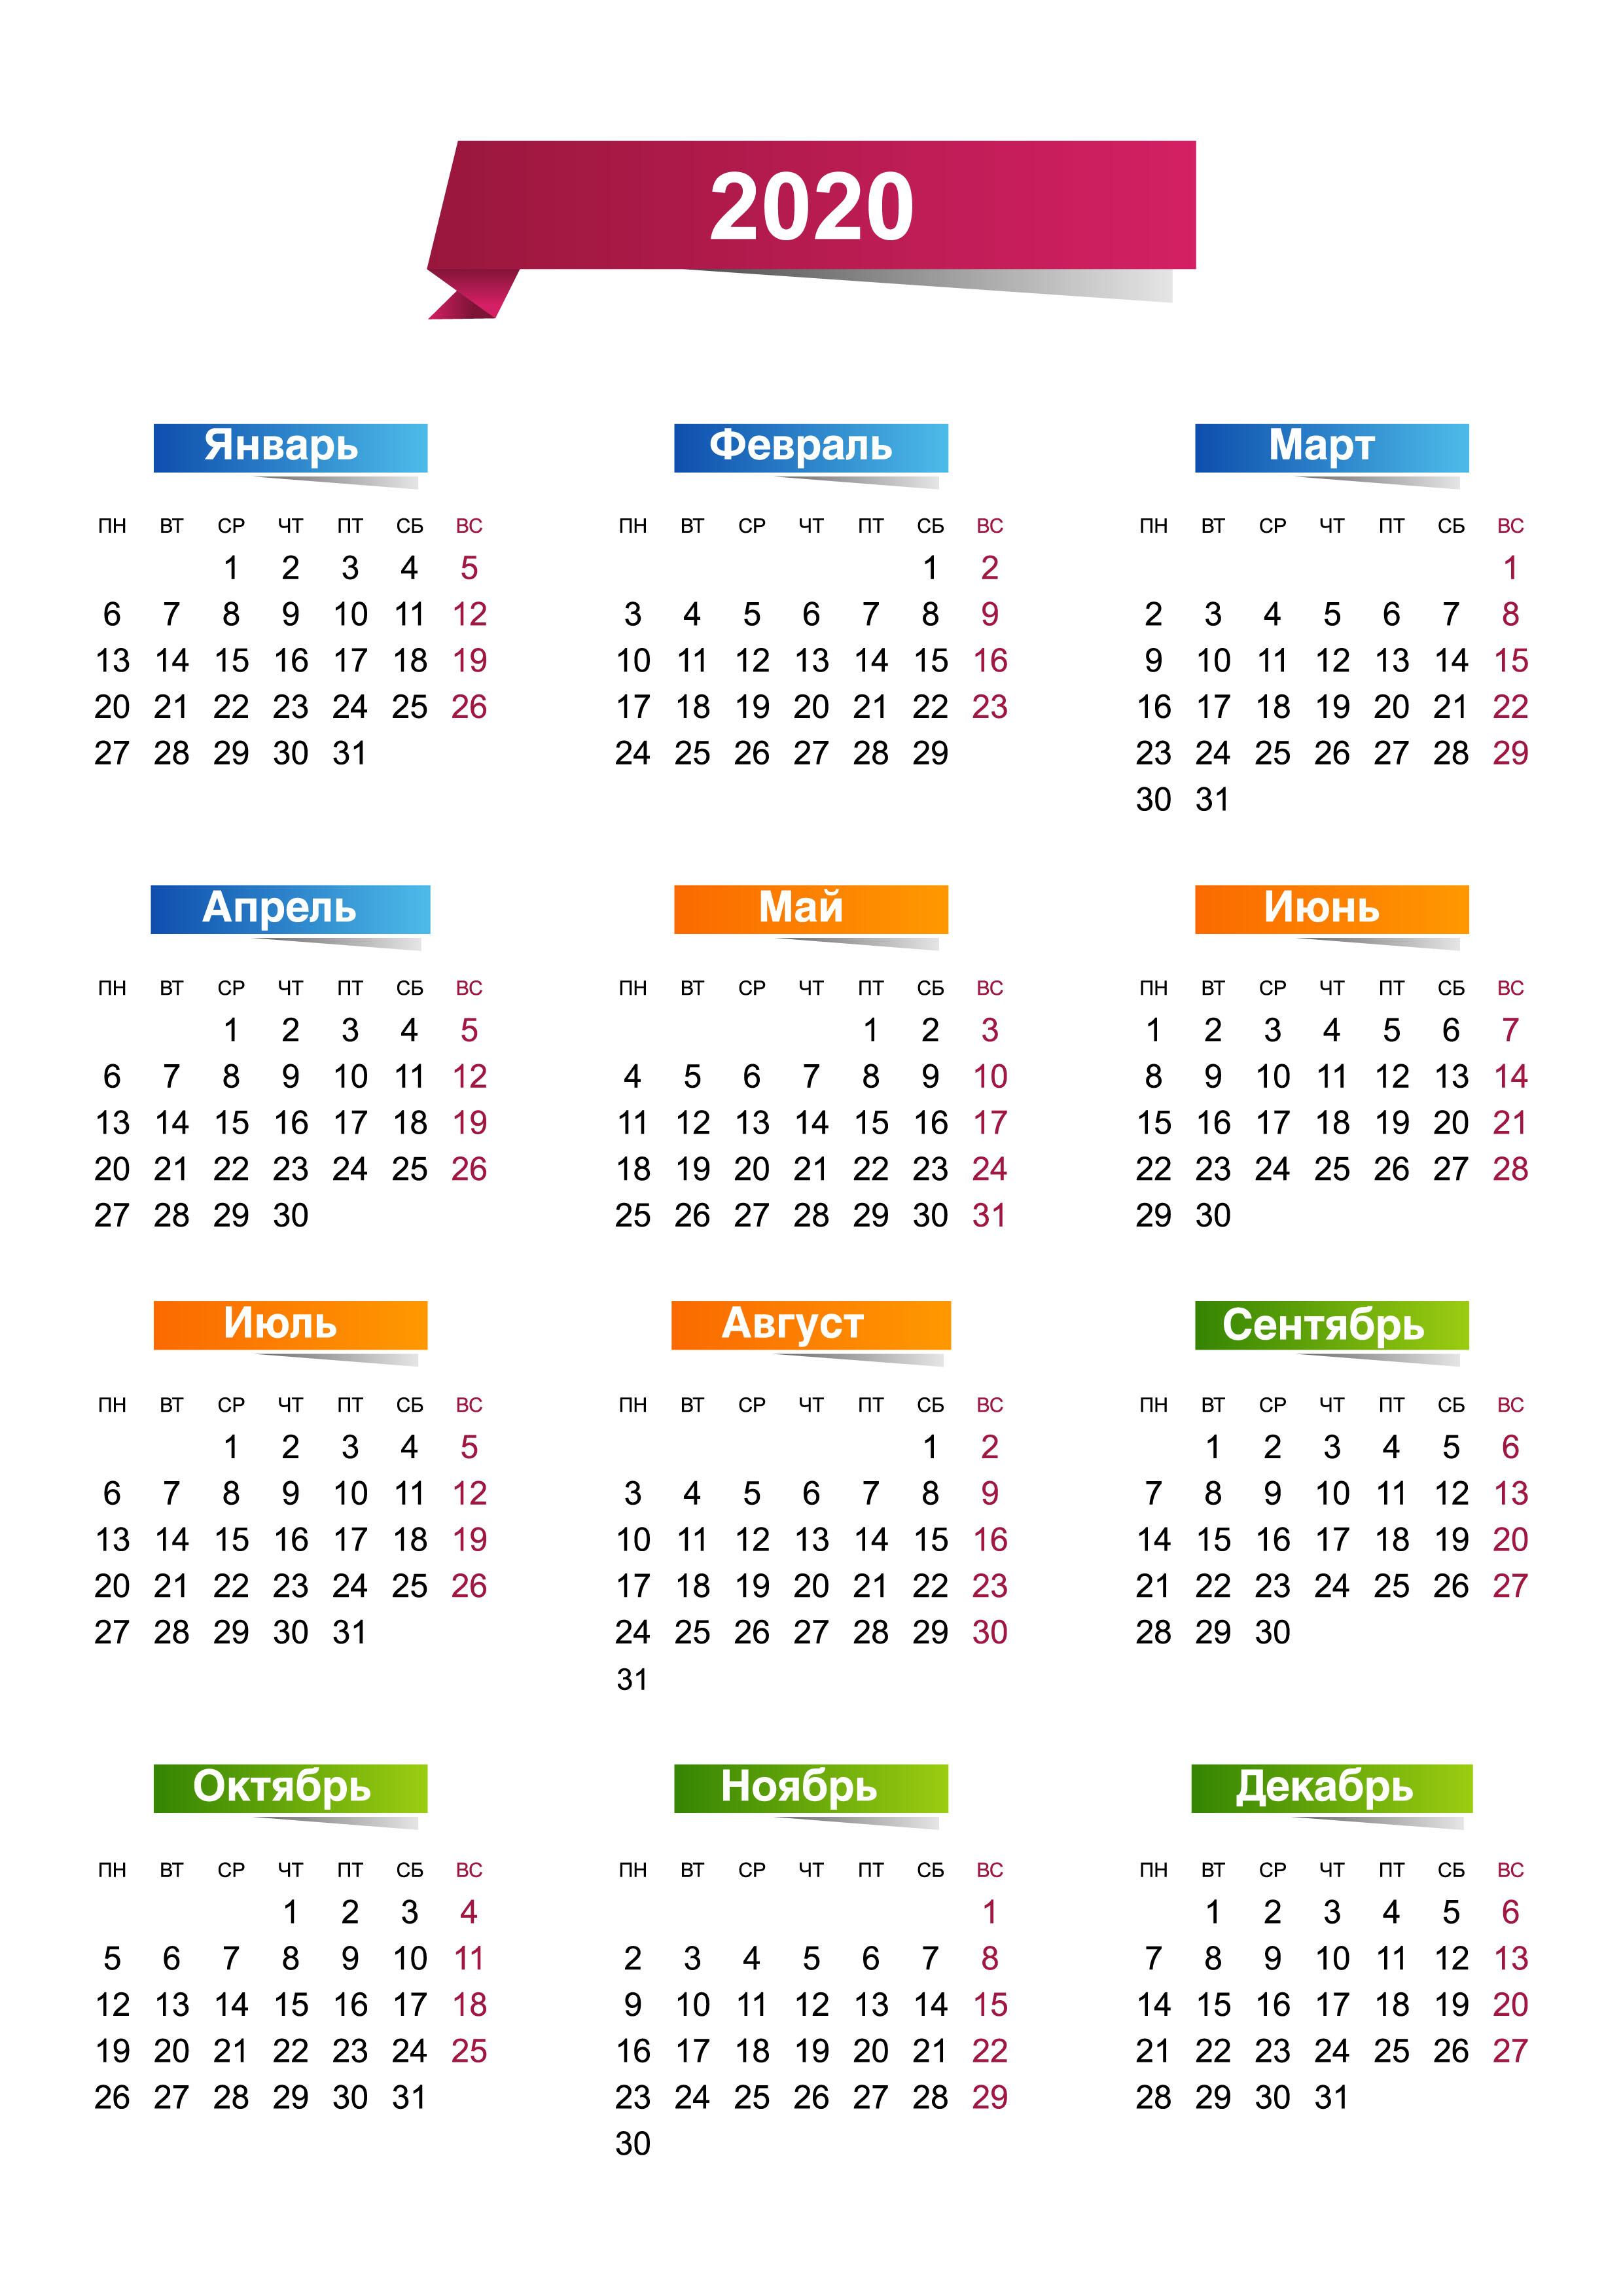 Календарь На 2020 Год В Векторе — 3Mu.ru with Kalendar Kuda 2020 Pdf